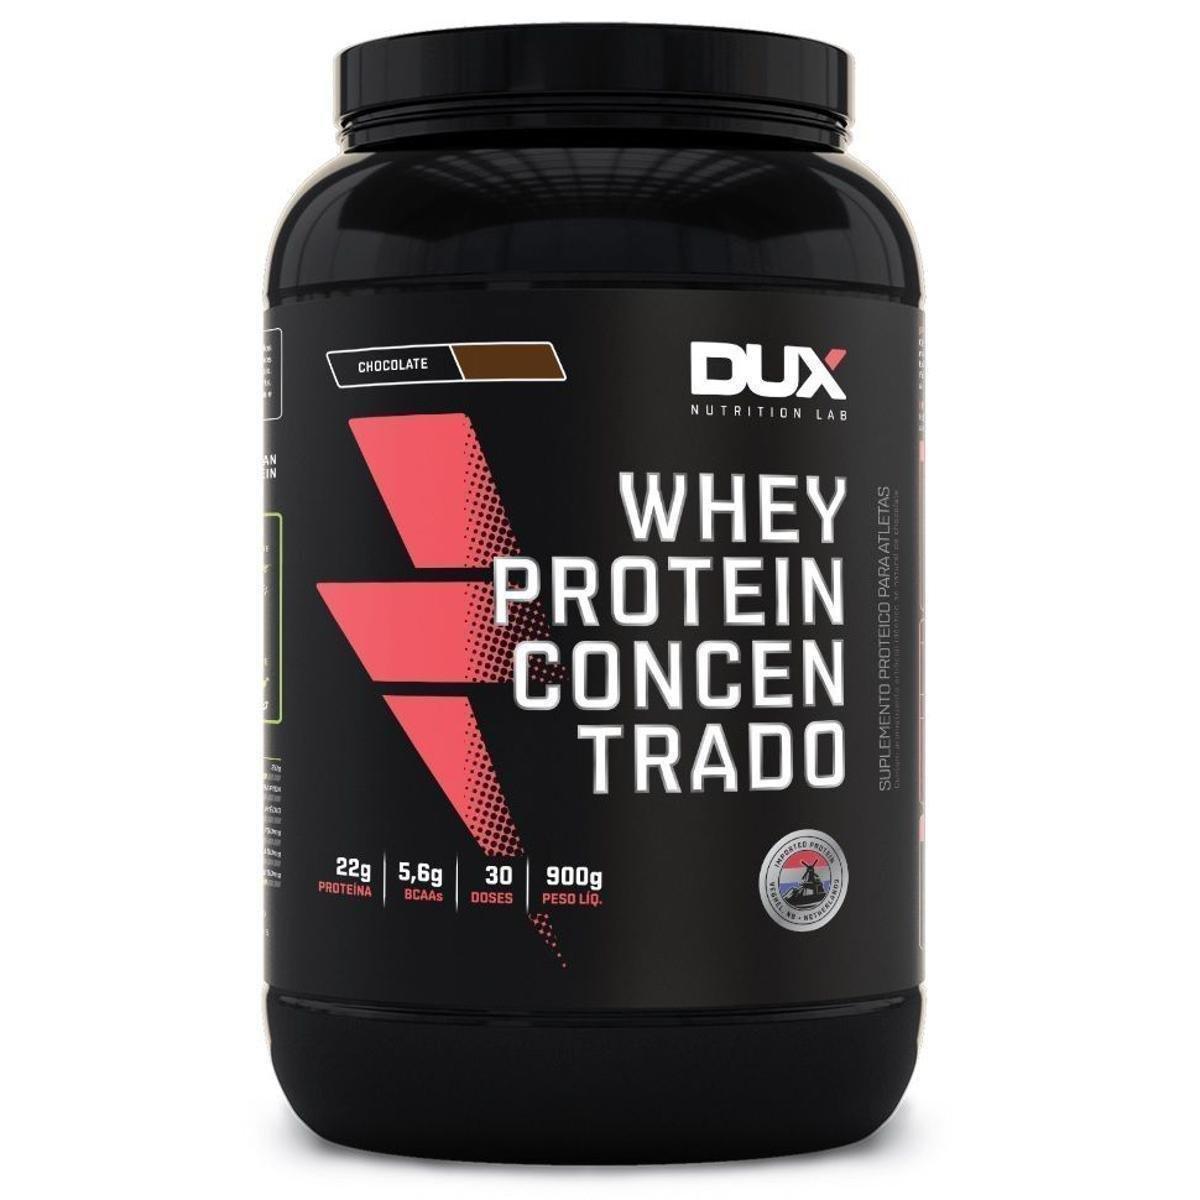 Whey DUX Concentrado - Pote 900g